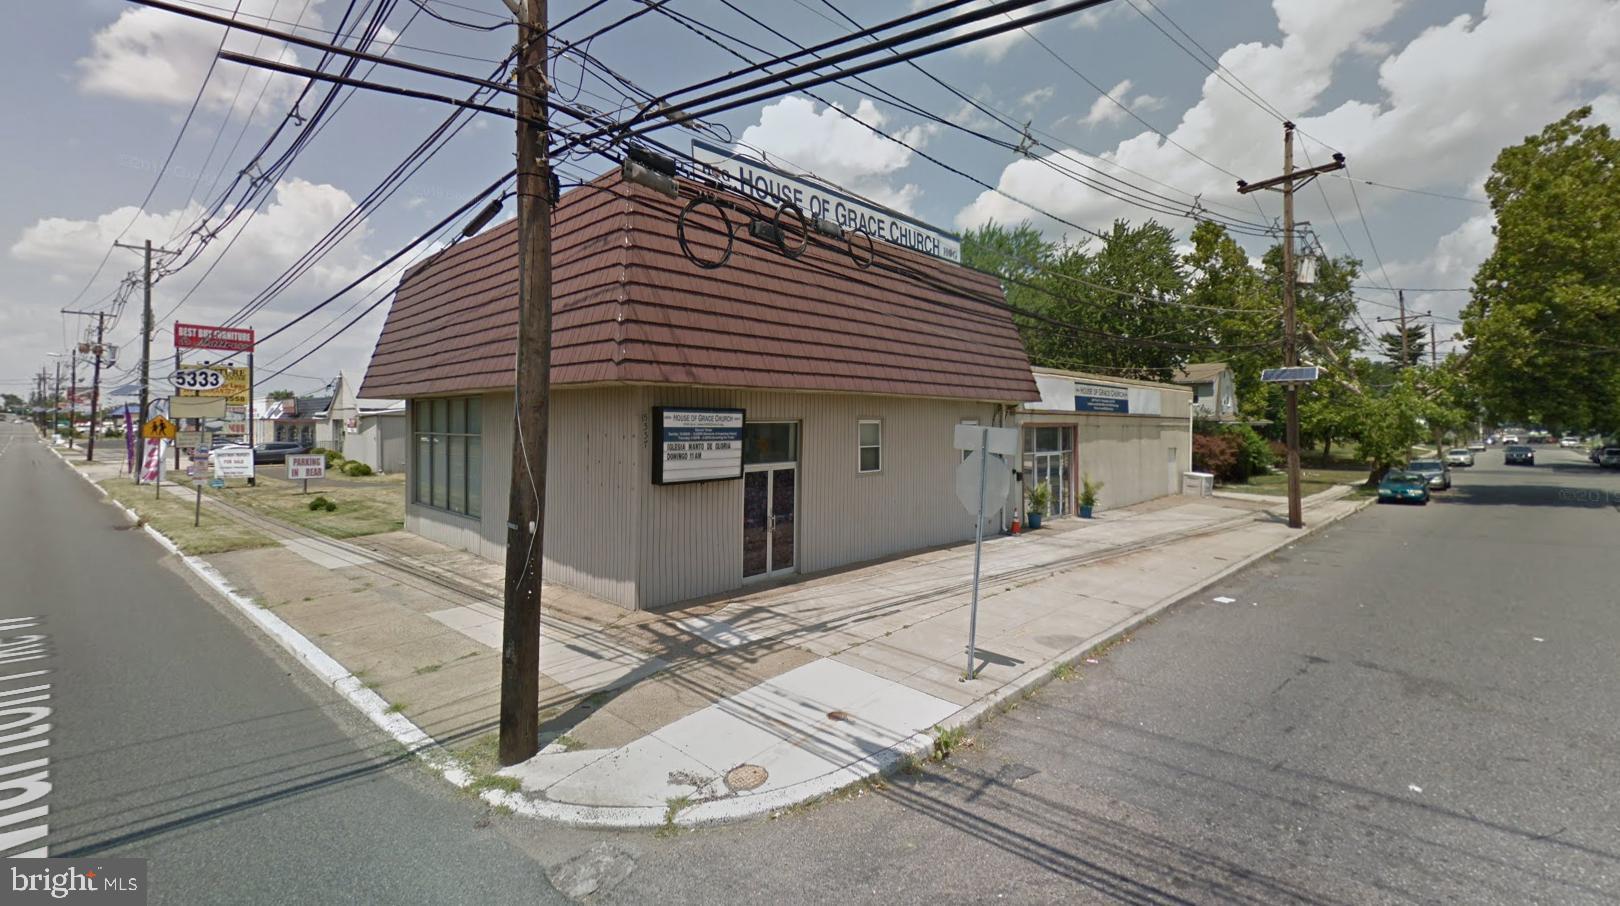 5337 MARLTON PIKE, PENNSAUKEN, NJ 08109